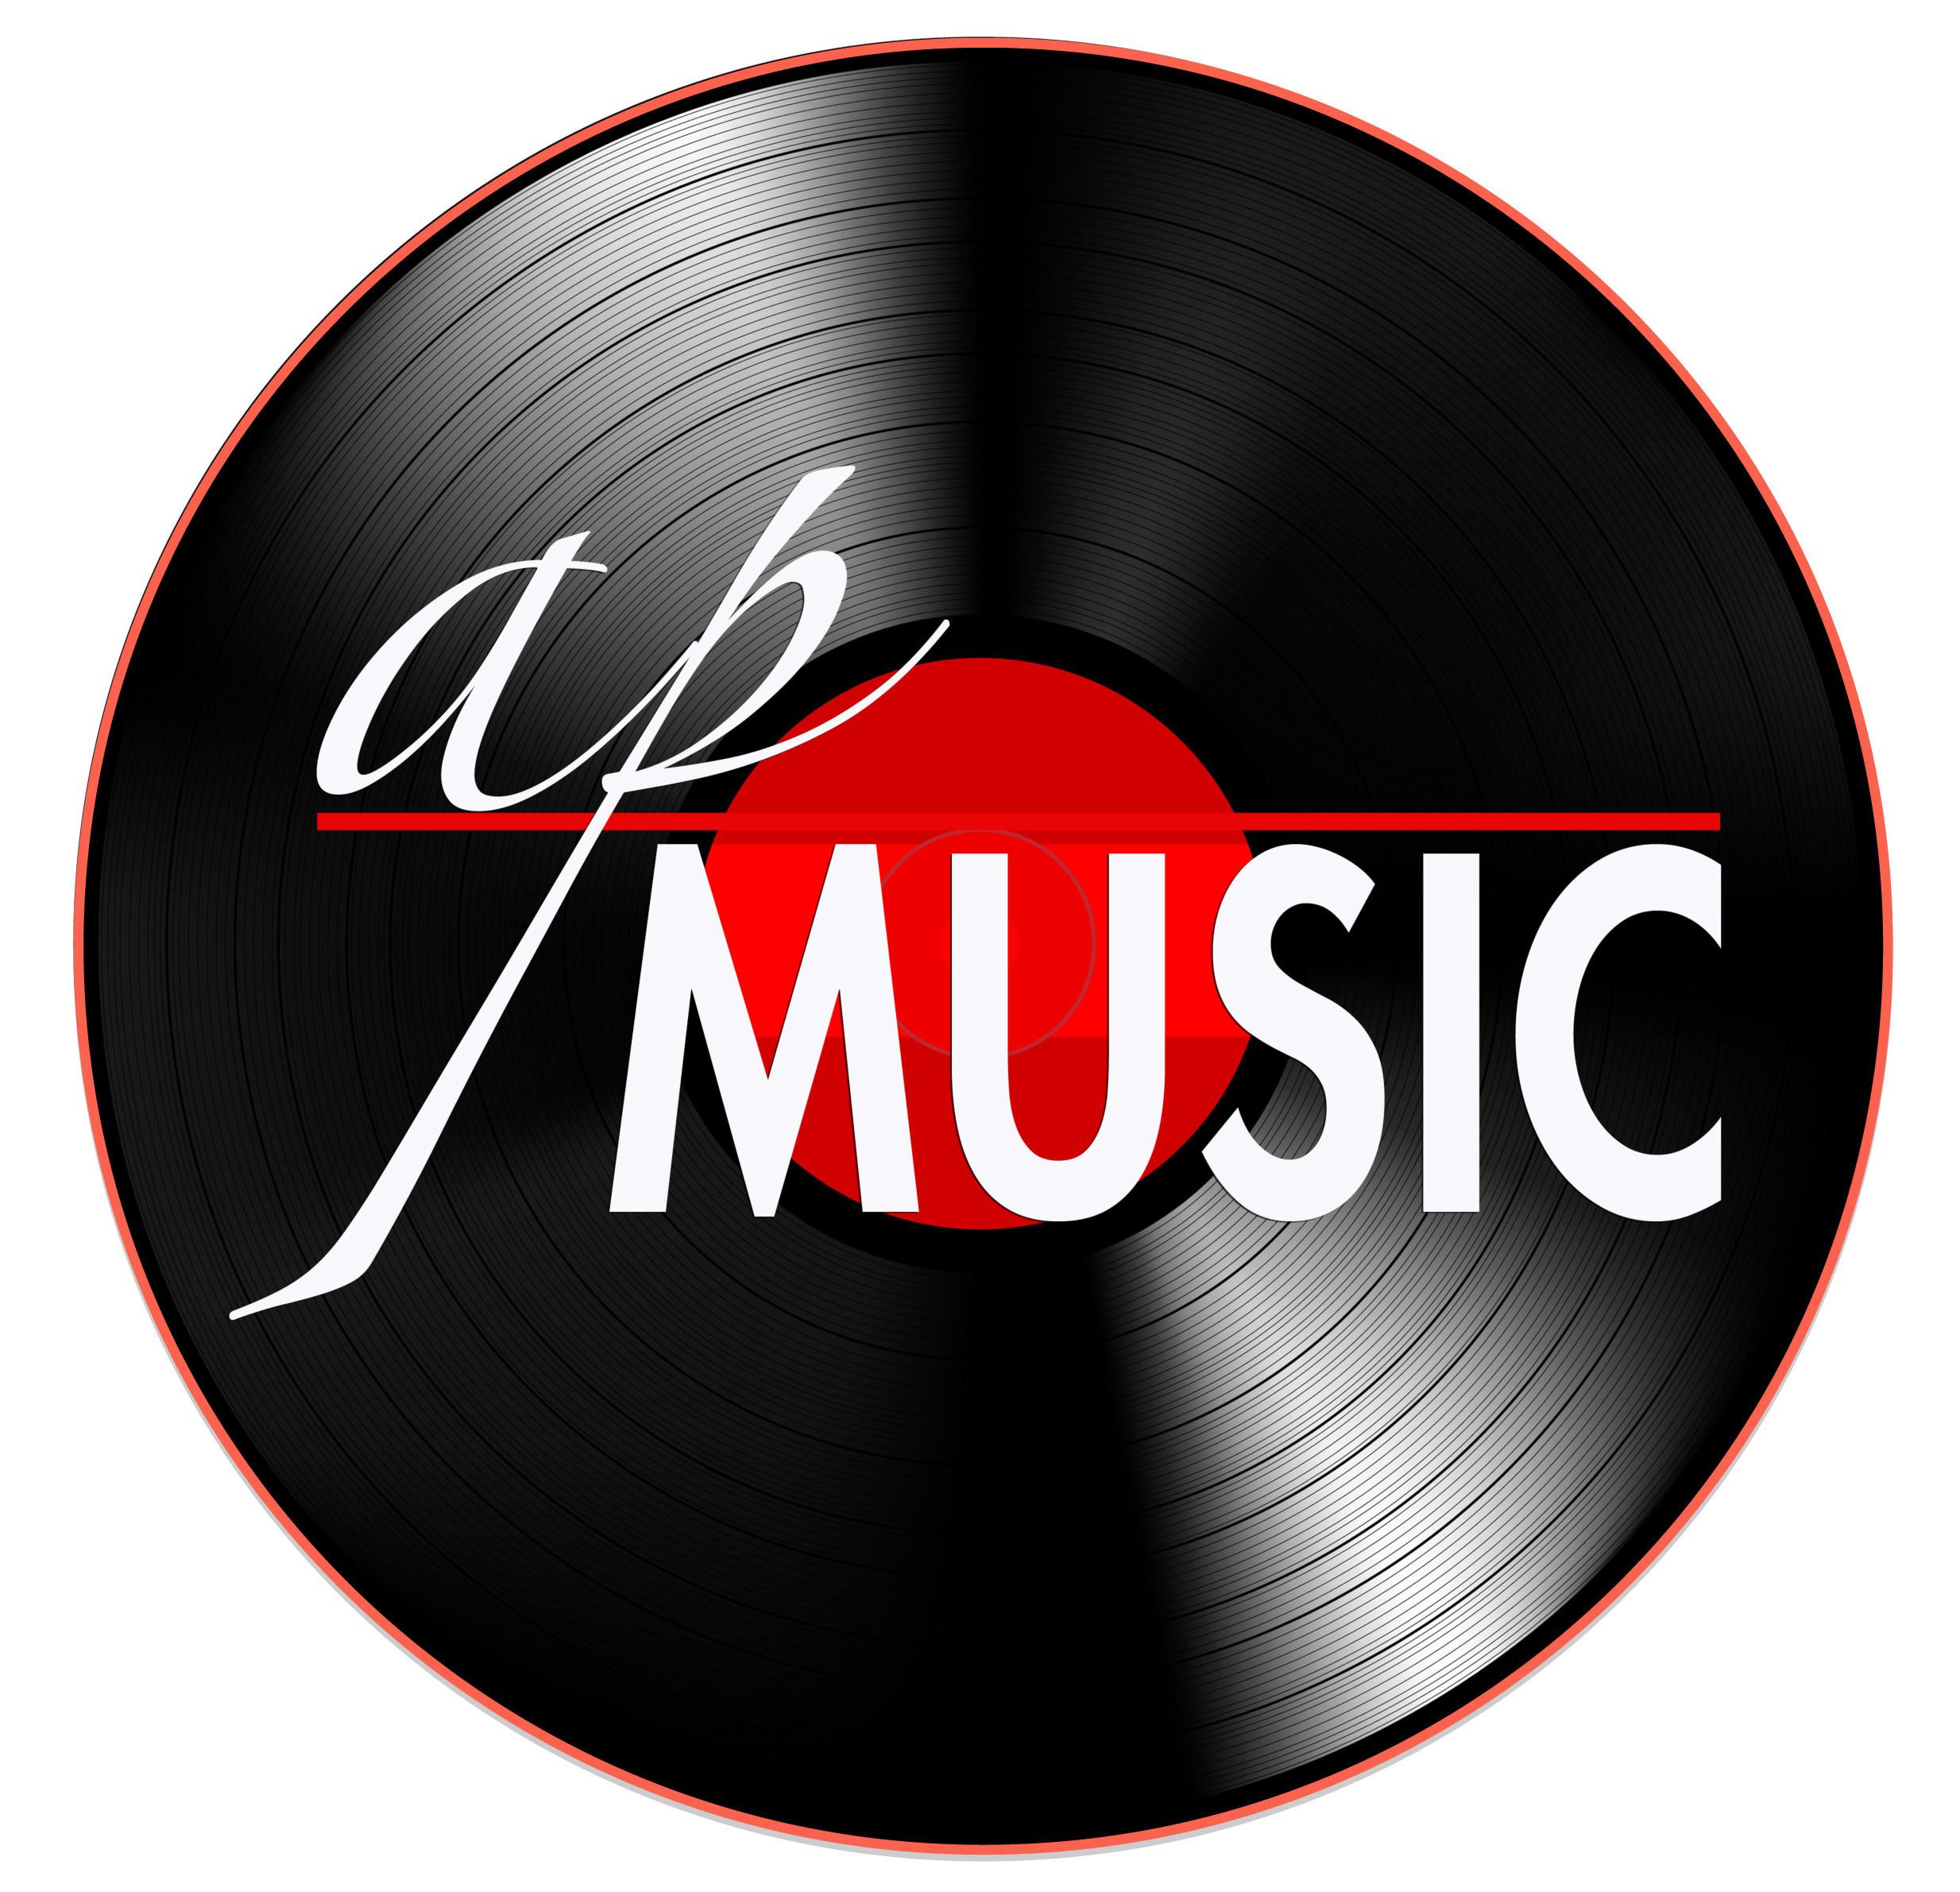 (PRNewsfoto/AP Music Group)